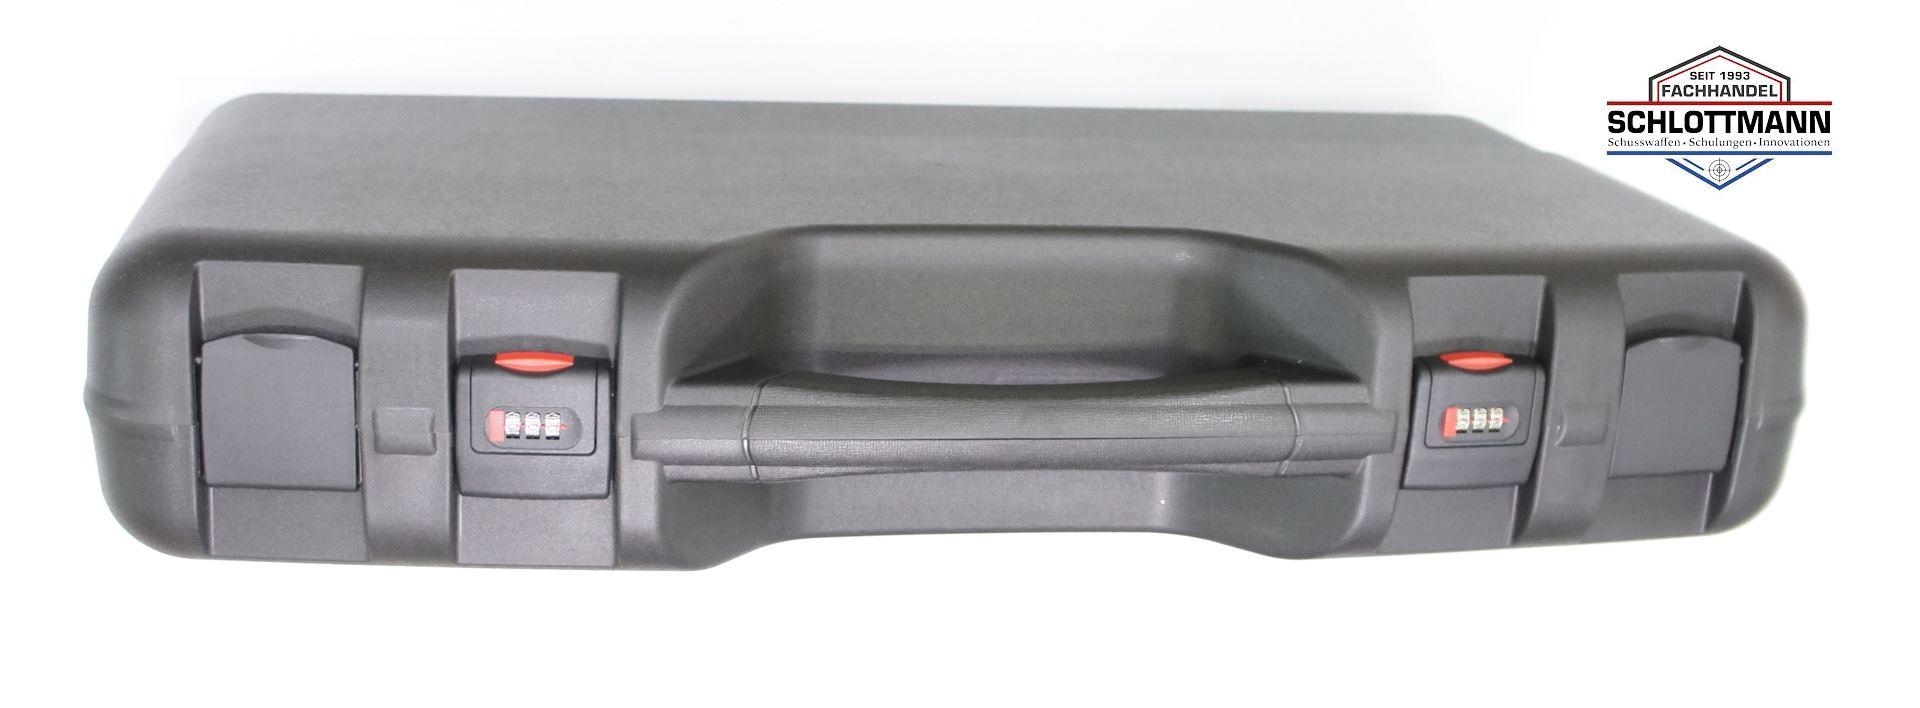 Gewehrkoffer mit integrierten Zahlenschlössern und guter Polsterung